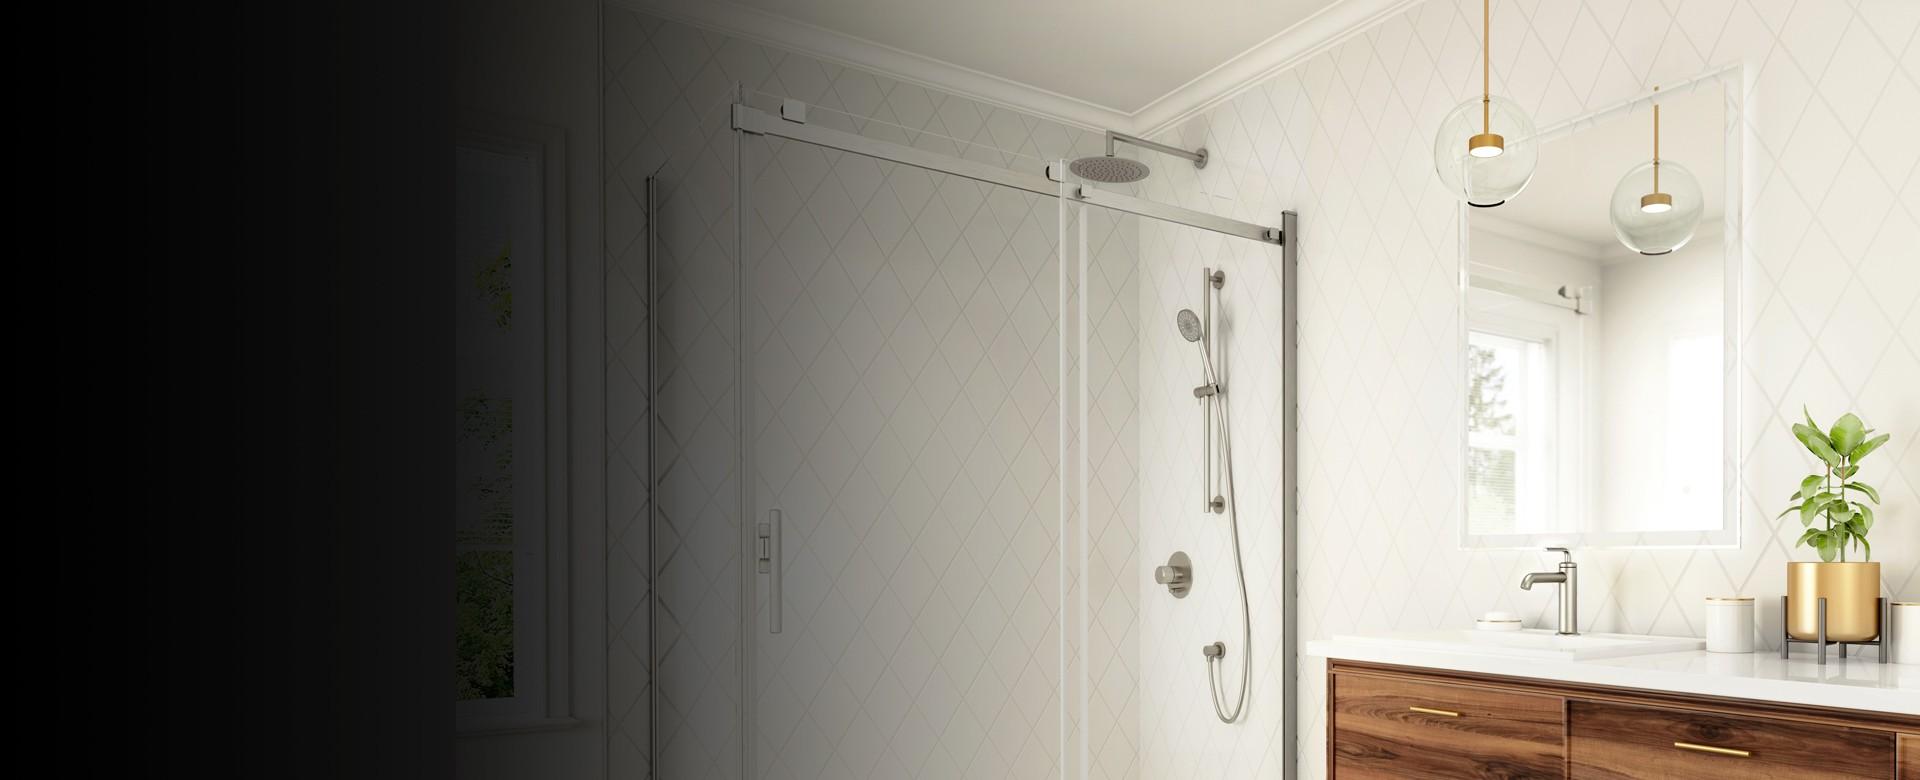 shower-doors-koncept